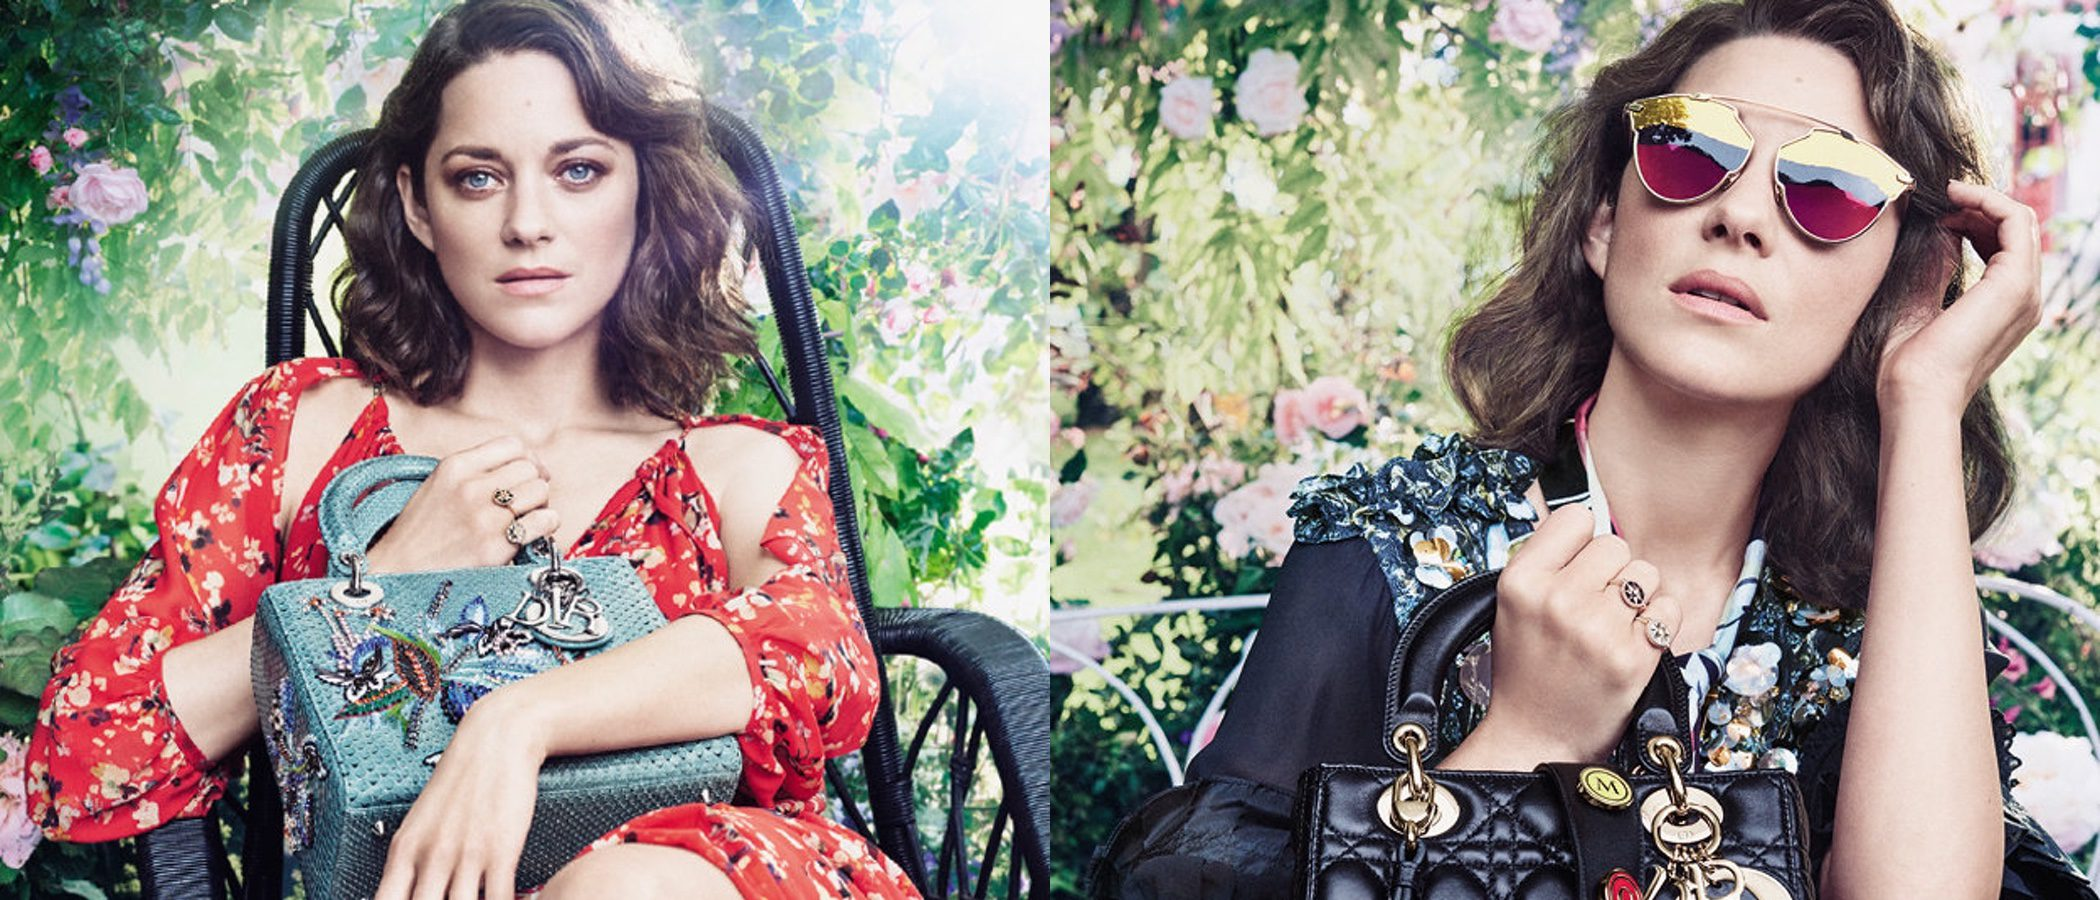 Marion Cotillard vuelve a poner rostro a los bolsos Lady Dior 2017 en una campaña muy floral